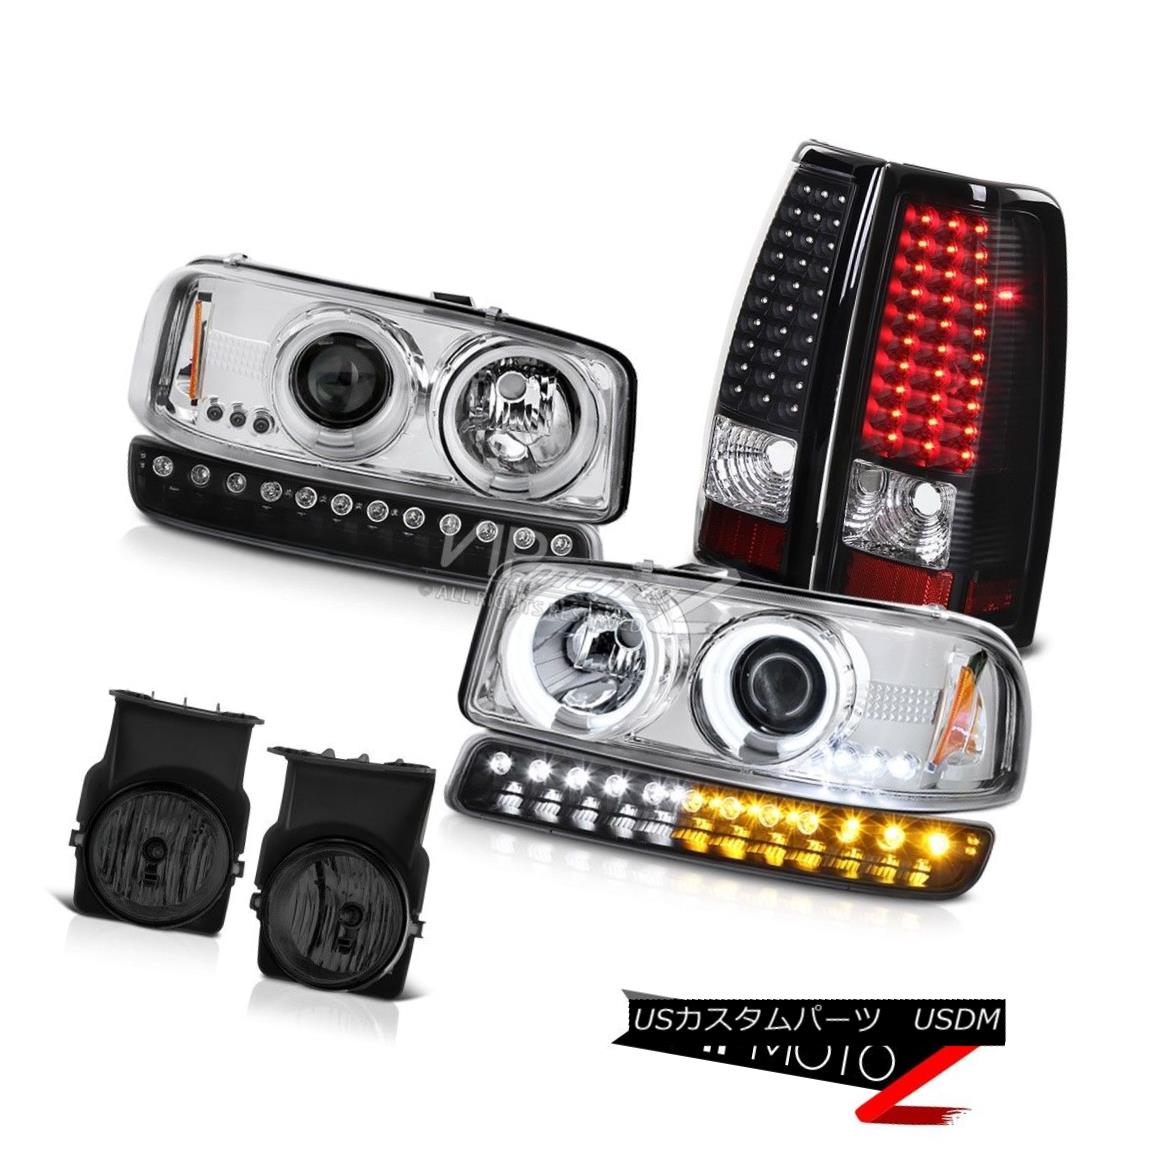 ヘッドライト 03-06 Sierra WT Foglights smd tail lamps signal lamp ccfl projector headlights 03-06シエラWTフォグライトsmdテールランプ信号ランプccflプロジェクターヘッドライト